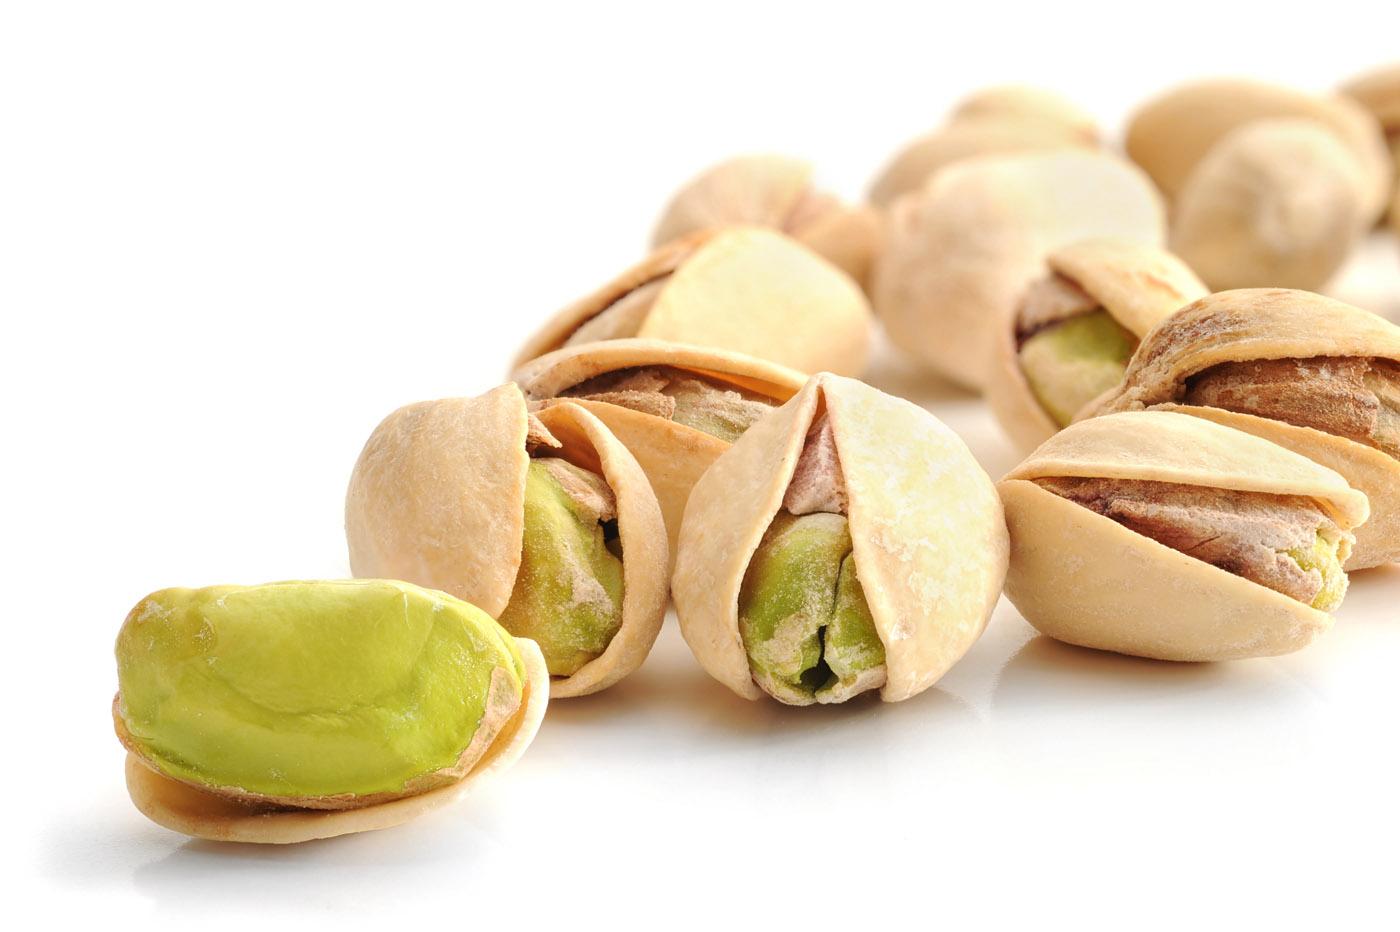 Les meilleurs bienfaits santé des pistaches  - أفضل الفوائد الصحية للفستق الحلبي